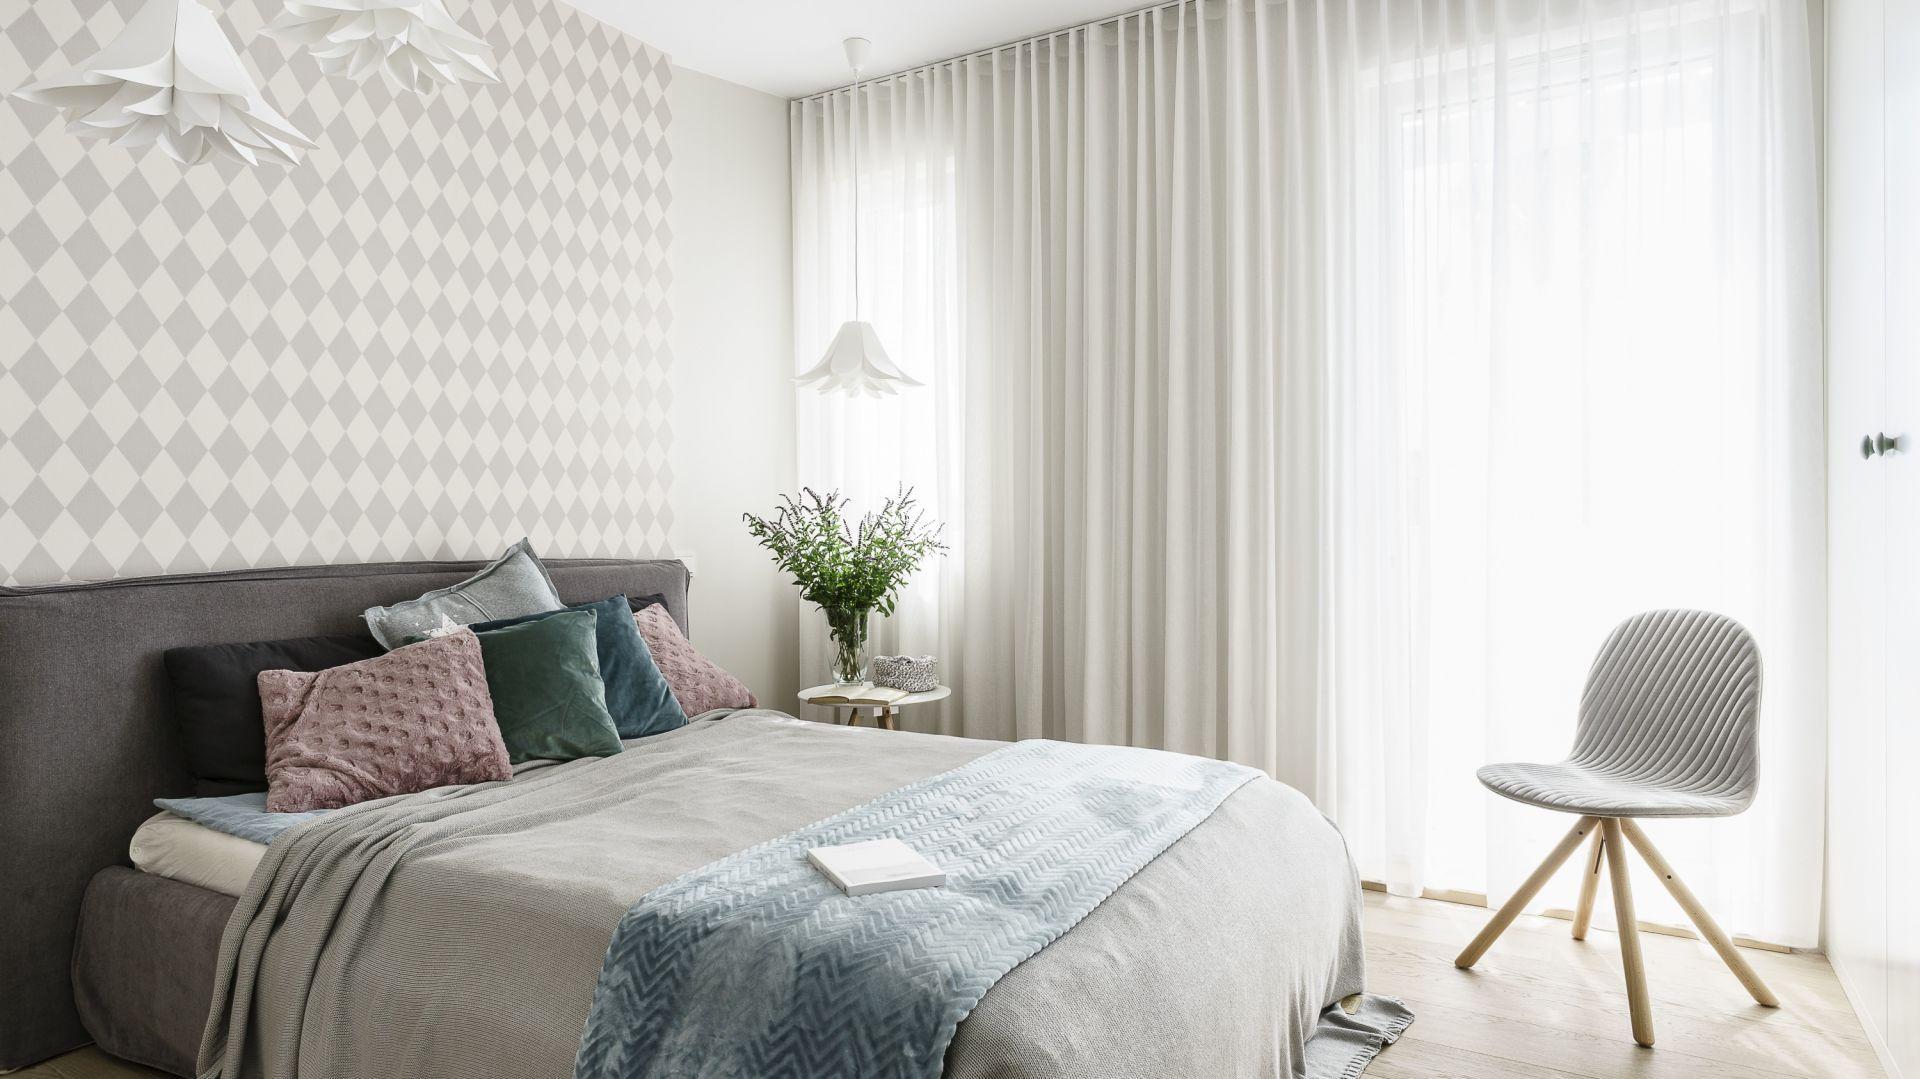 Delikatna, subtelna tapeta pięknie wpisuje się w jasną przestrzeń sypialni. Projekt: Joanna Morkowska-Saj, Saje Architekci. Fot. Fotomohito